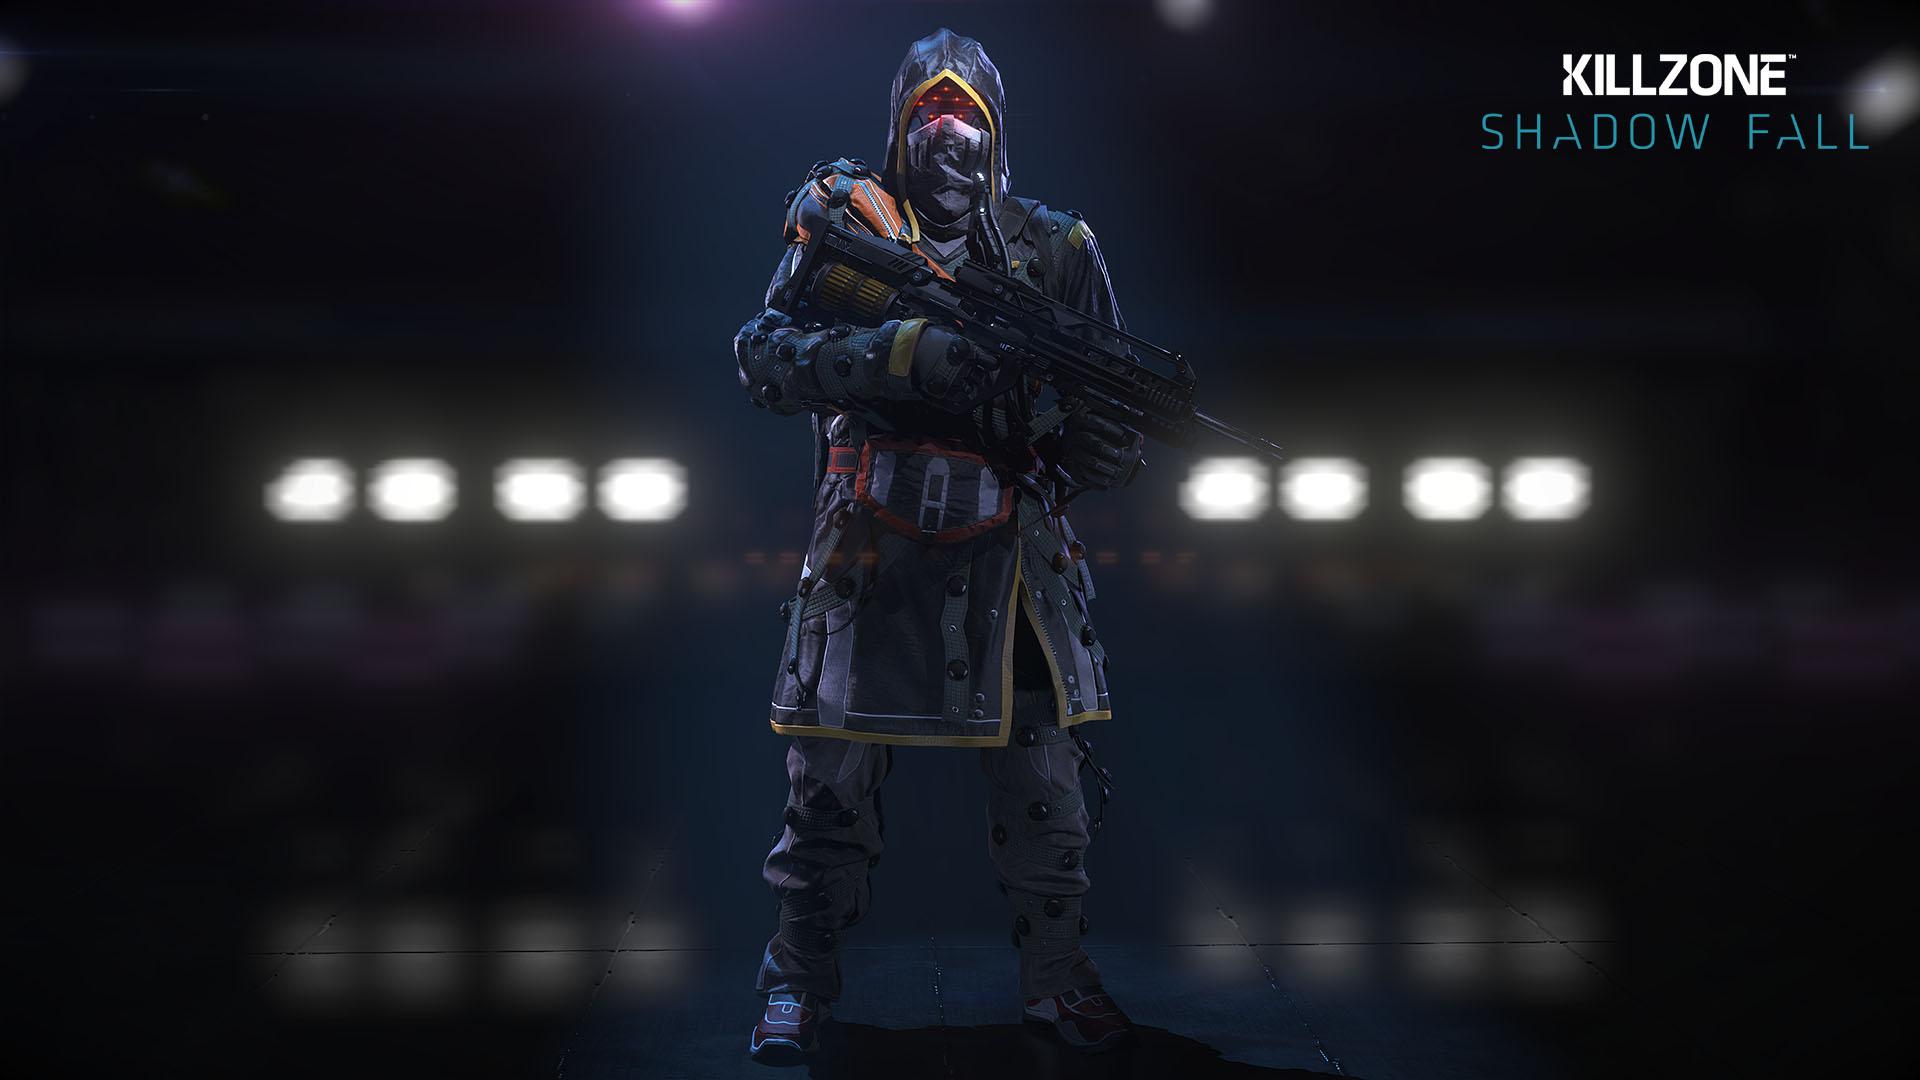 [Oficial] Killzone:Shadow Fall 9837239783_90dd71de80_o